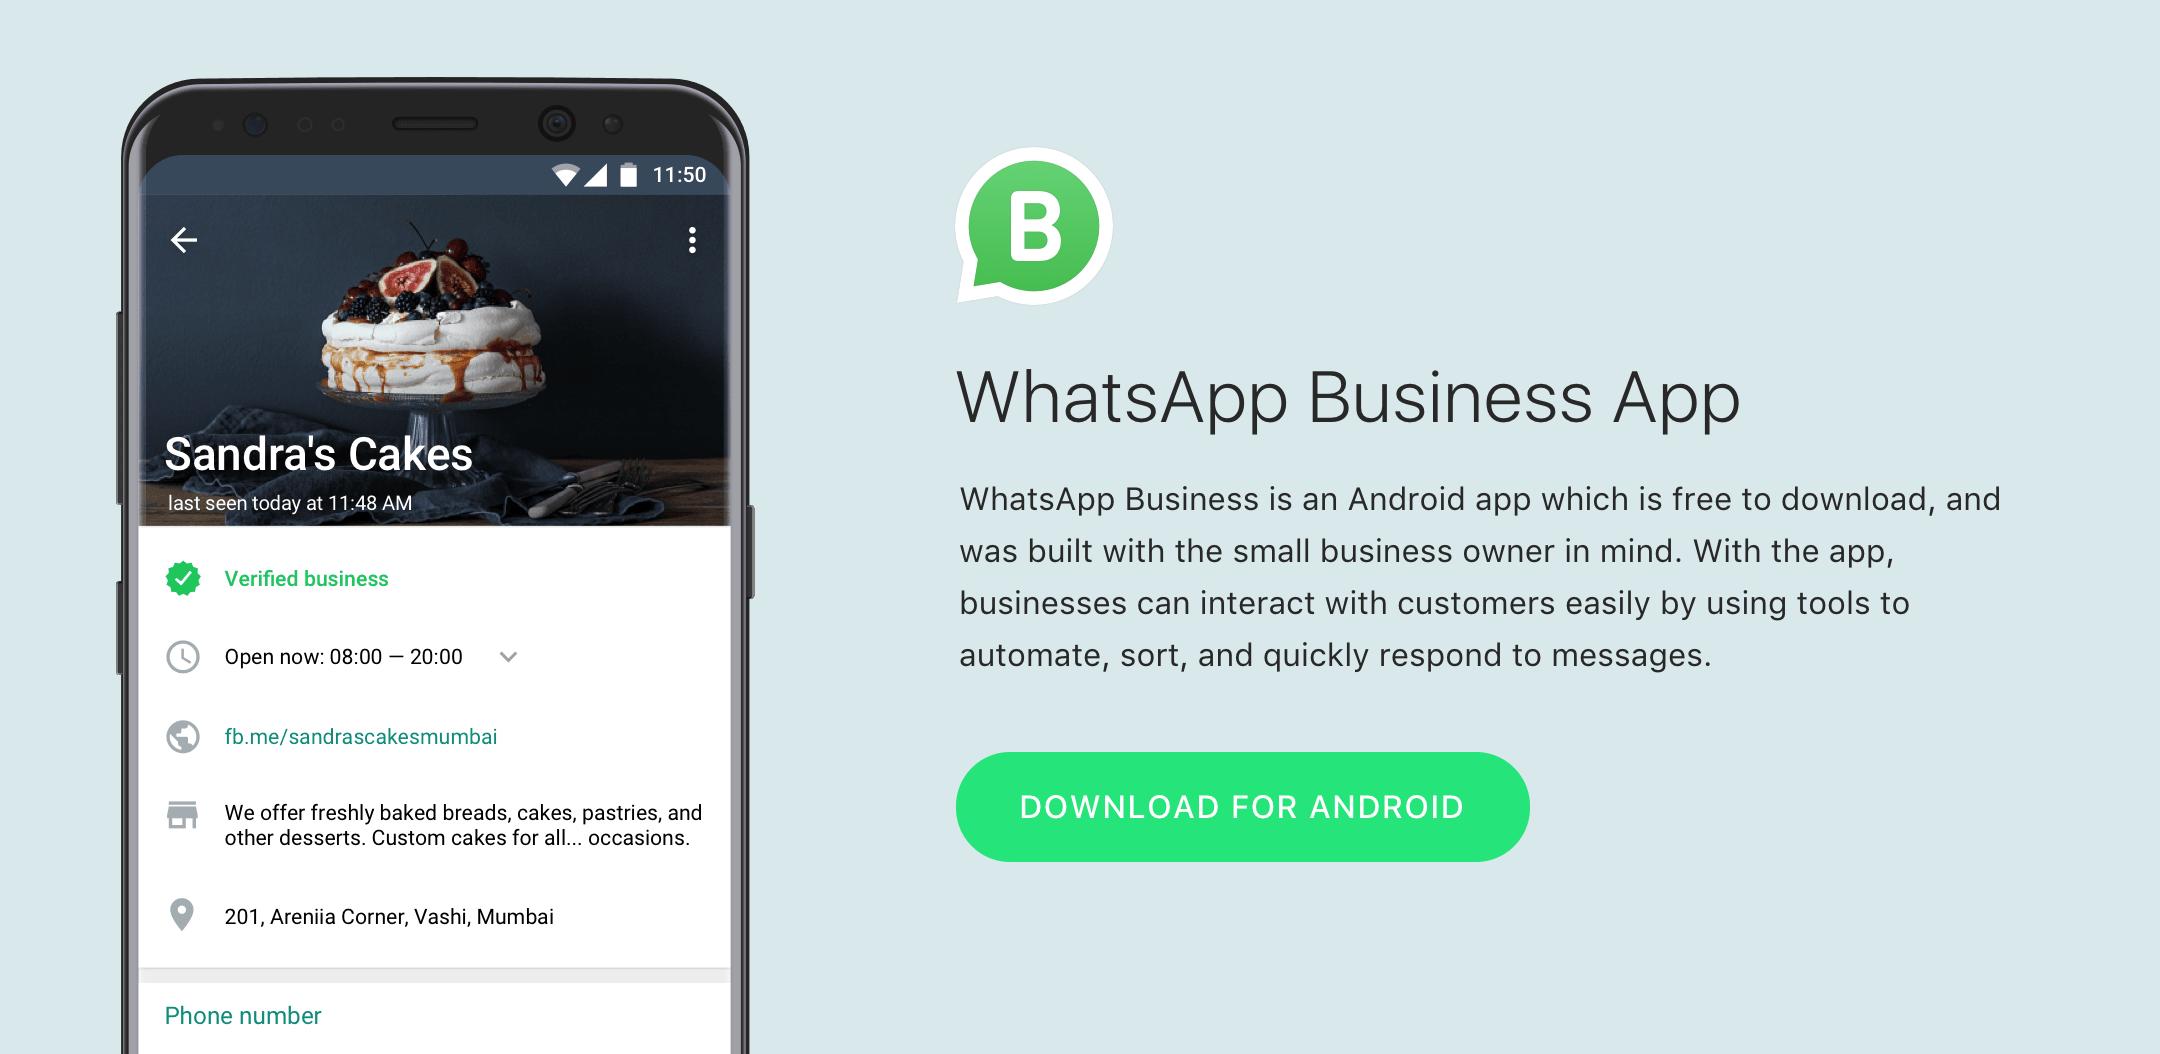 تحميل تطبيق واتساب نسخة الأعمال Whatsapp Business 2